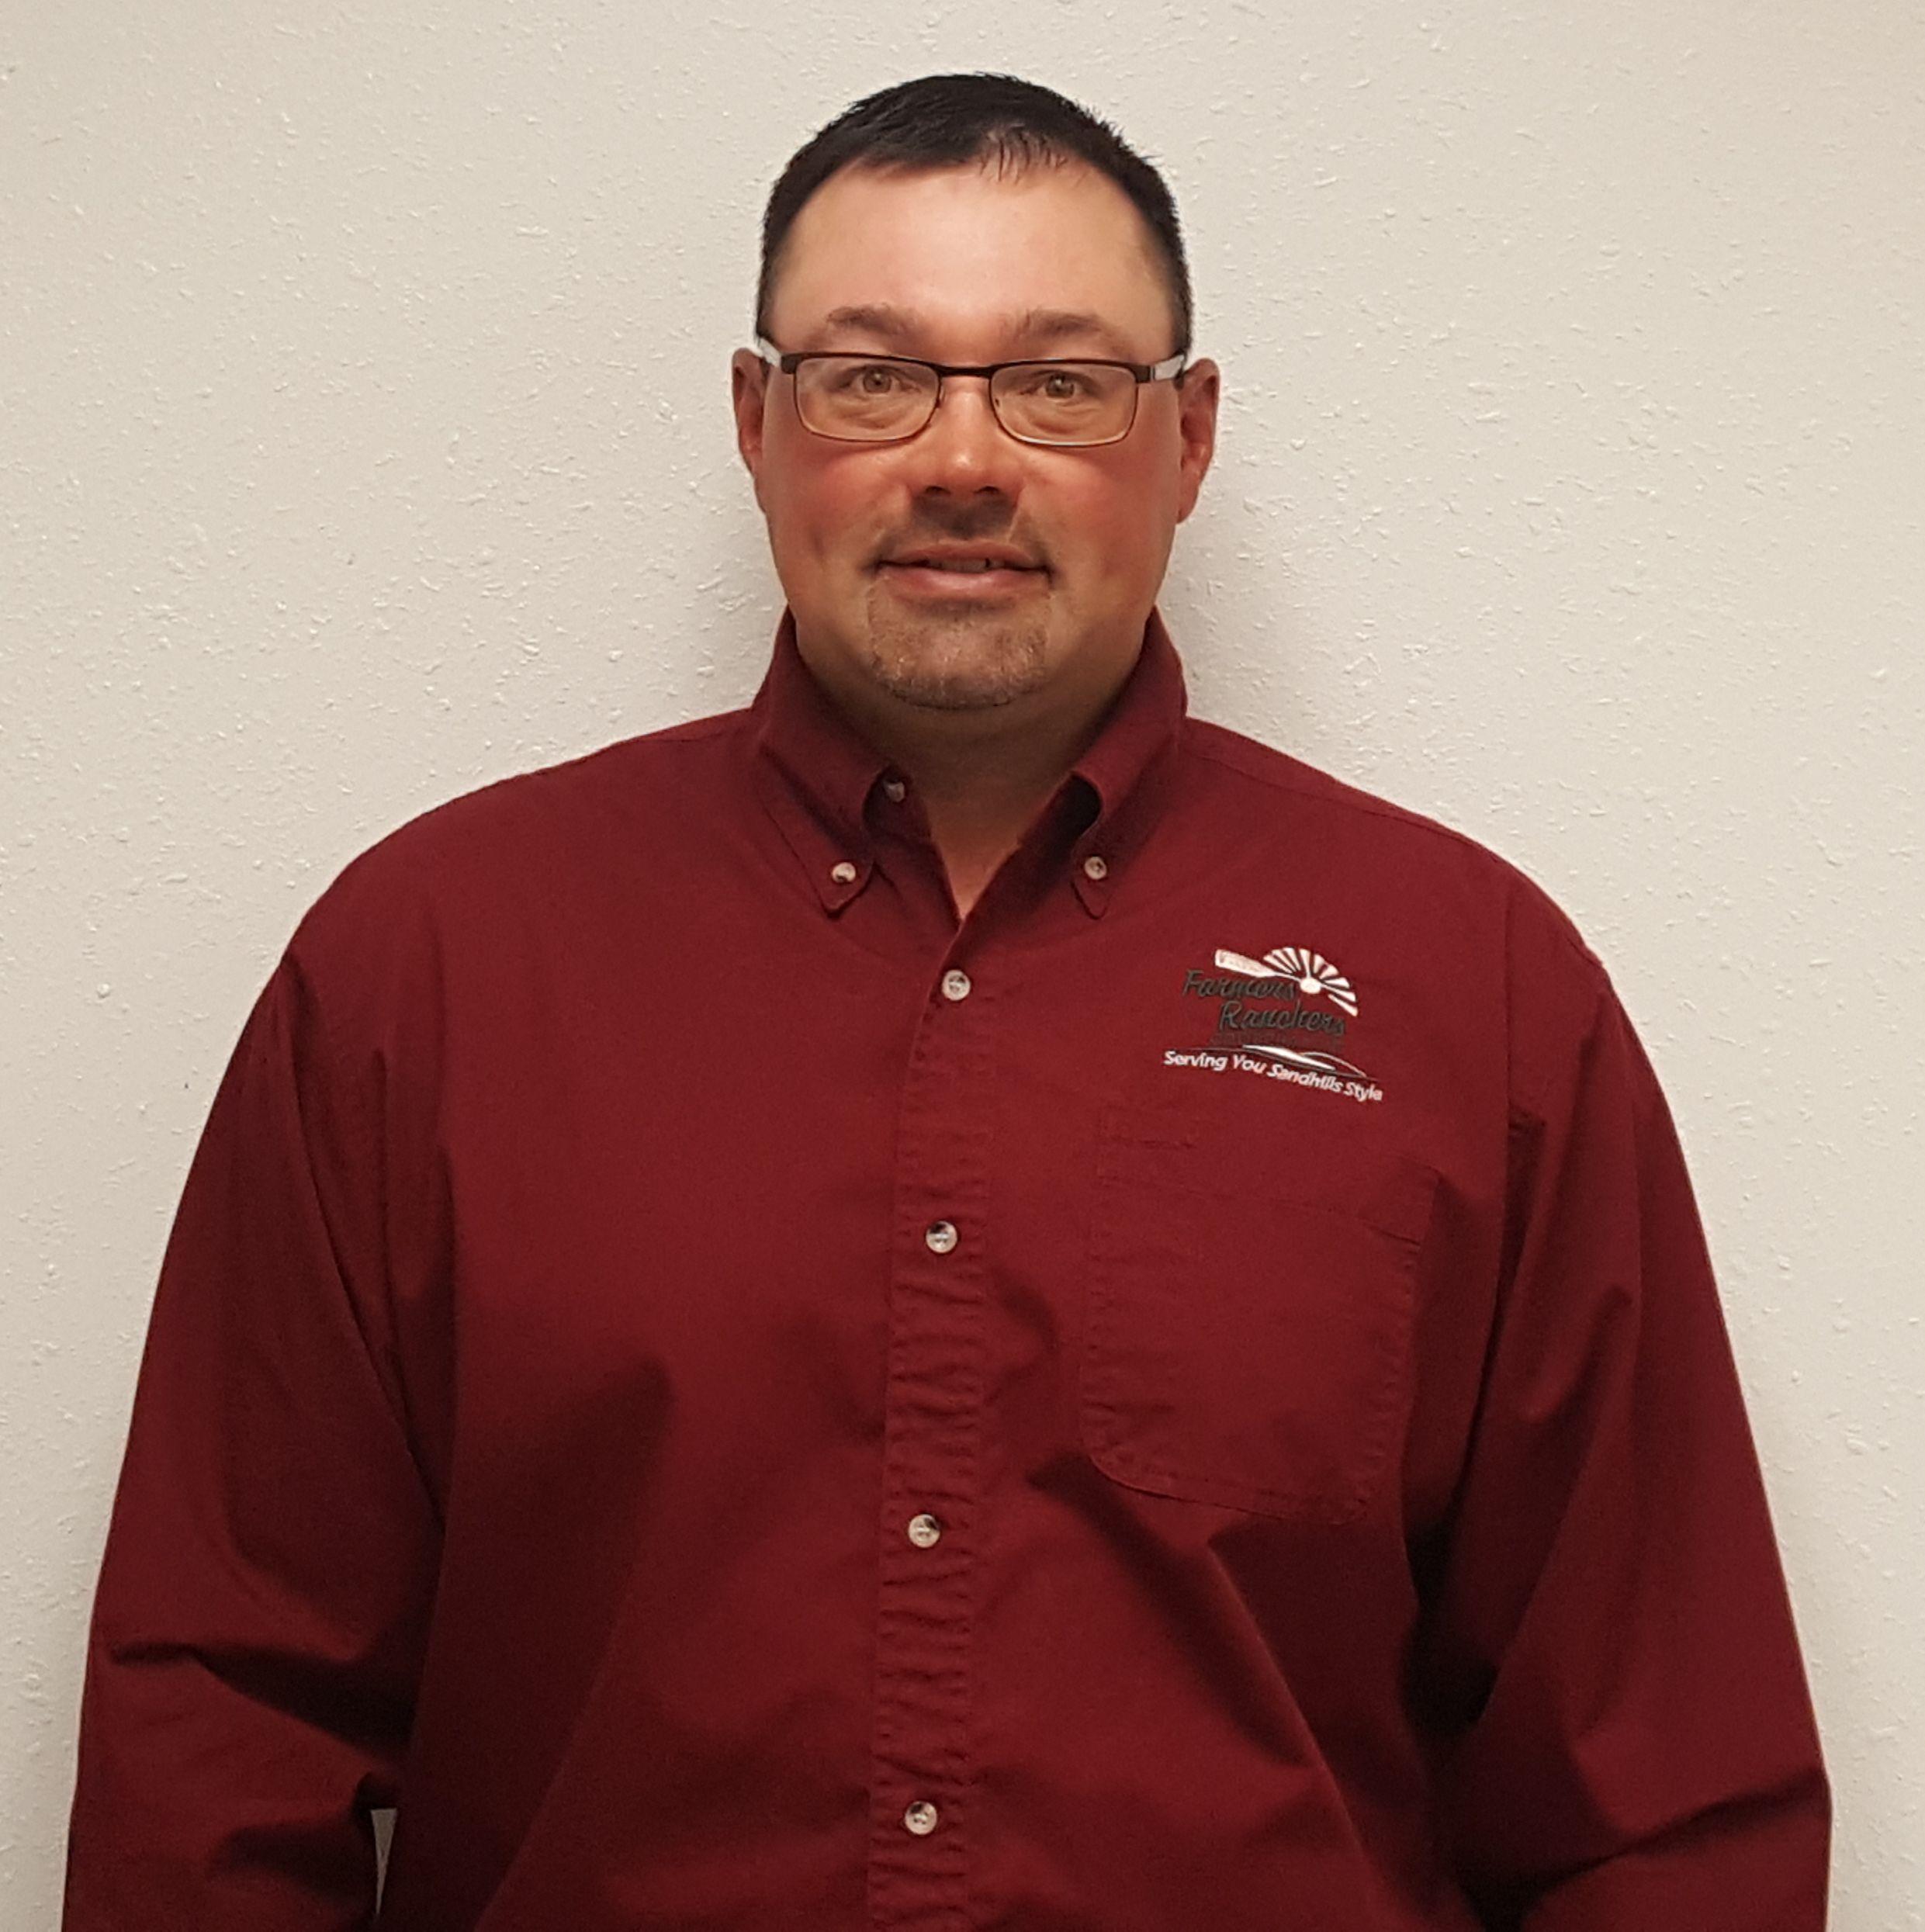 Mark Sedlacek - Board Director